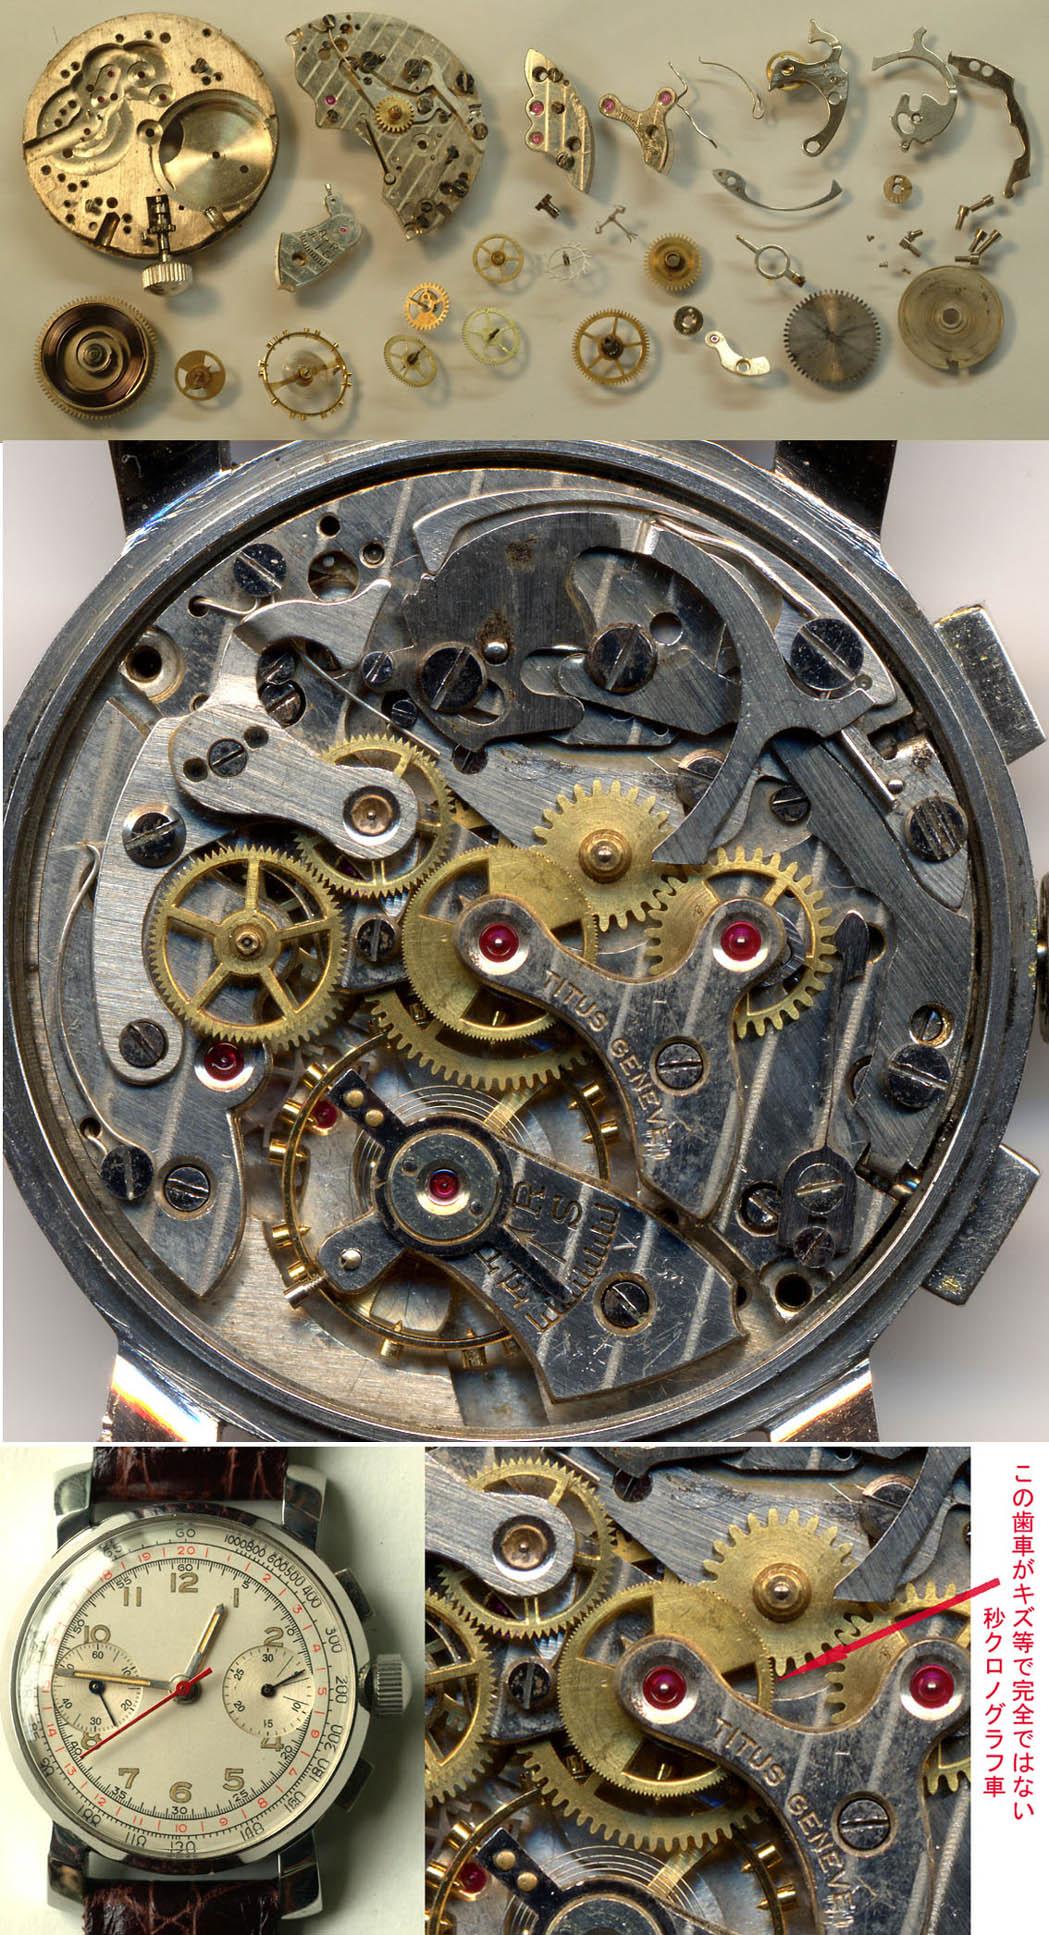 チタス(TITUS) クロノグラフ付き腕時計_c0083109_1828044.jpg